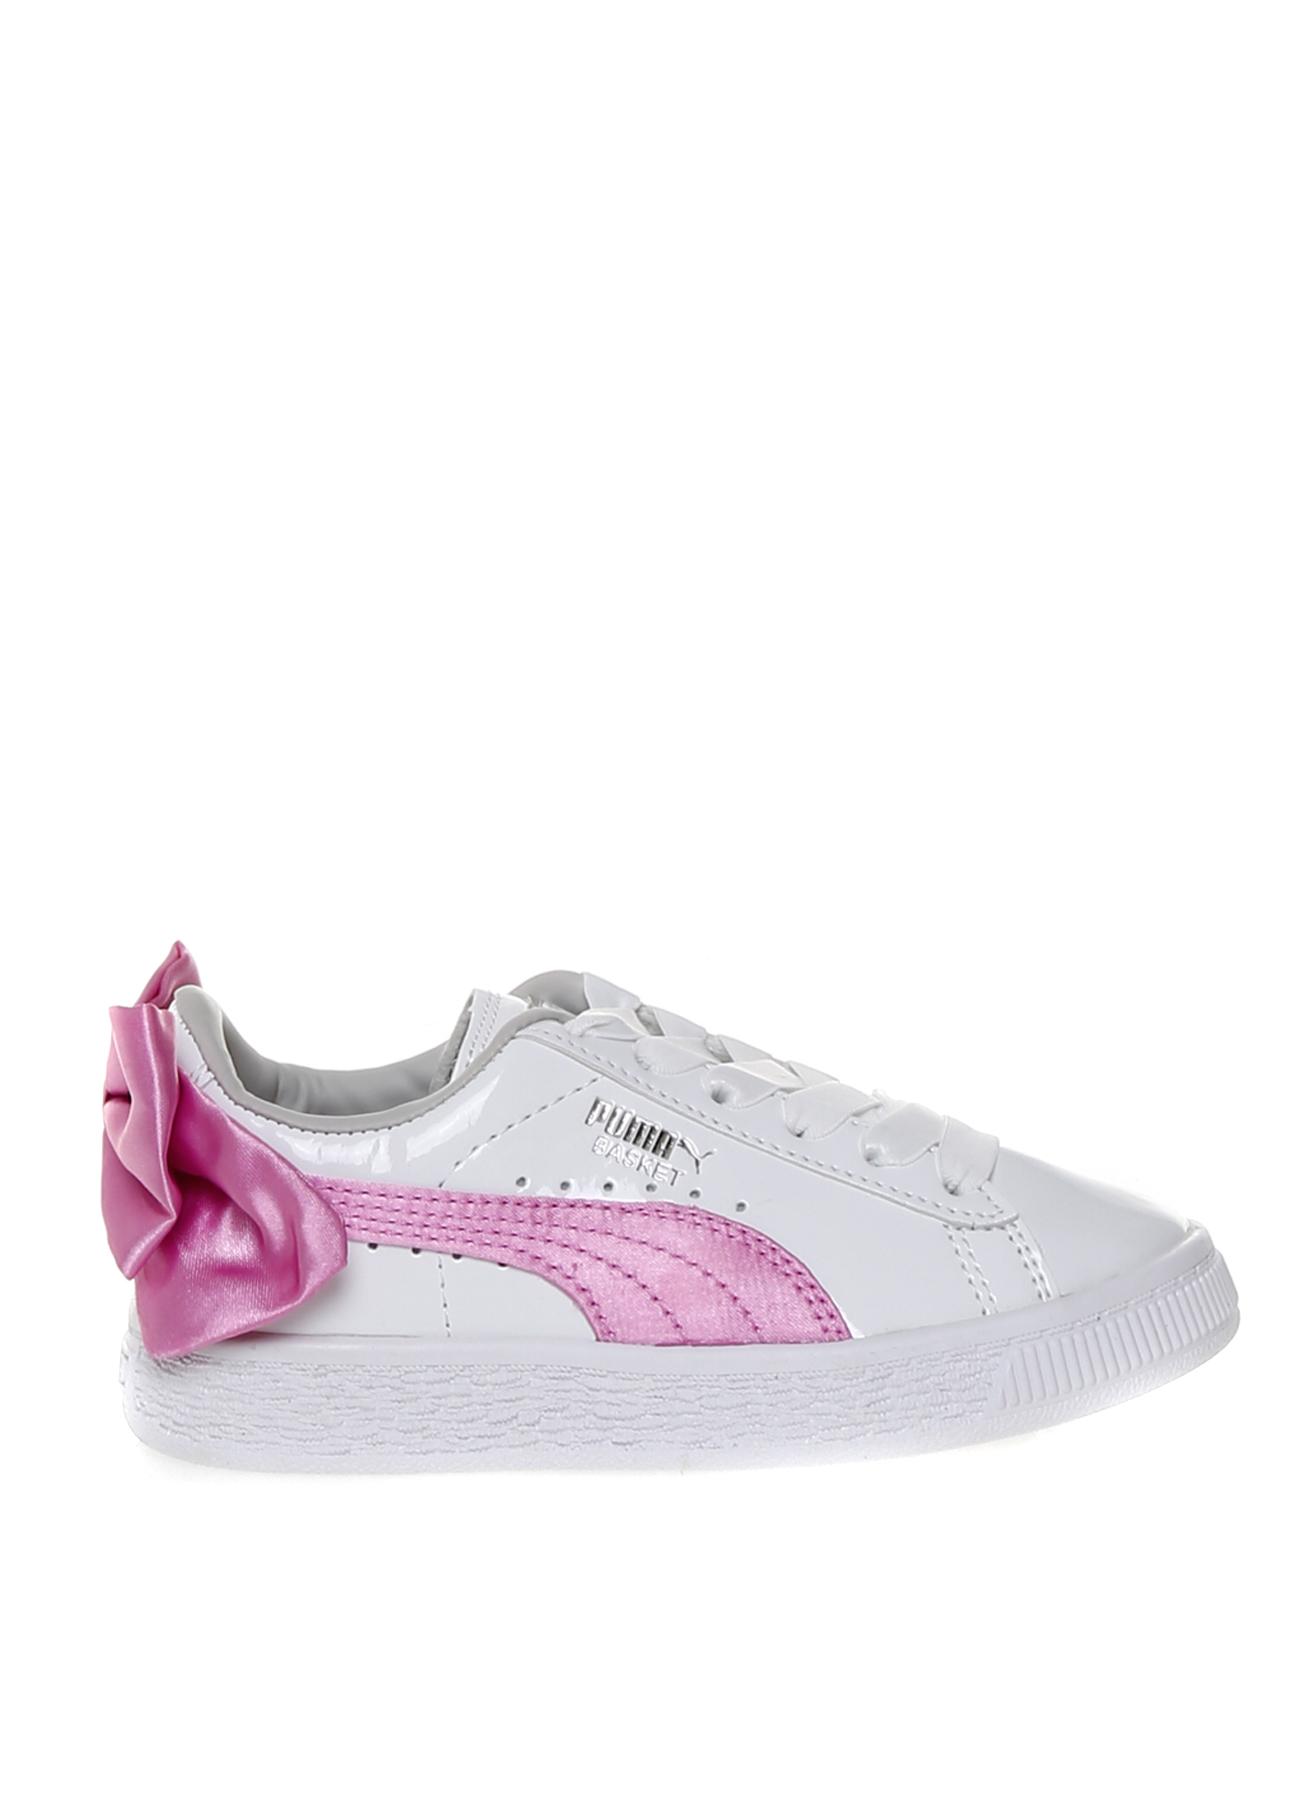 Puma Yürüyüş Ayakkabısı 29 5001697567004 Ürün Resmi